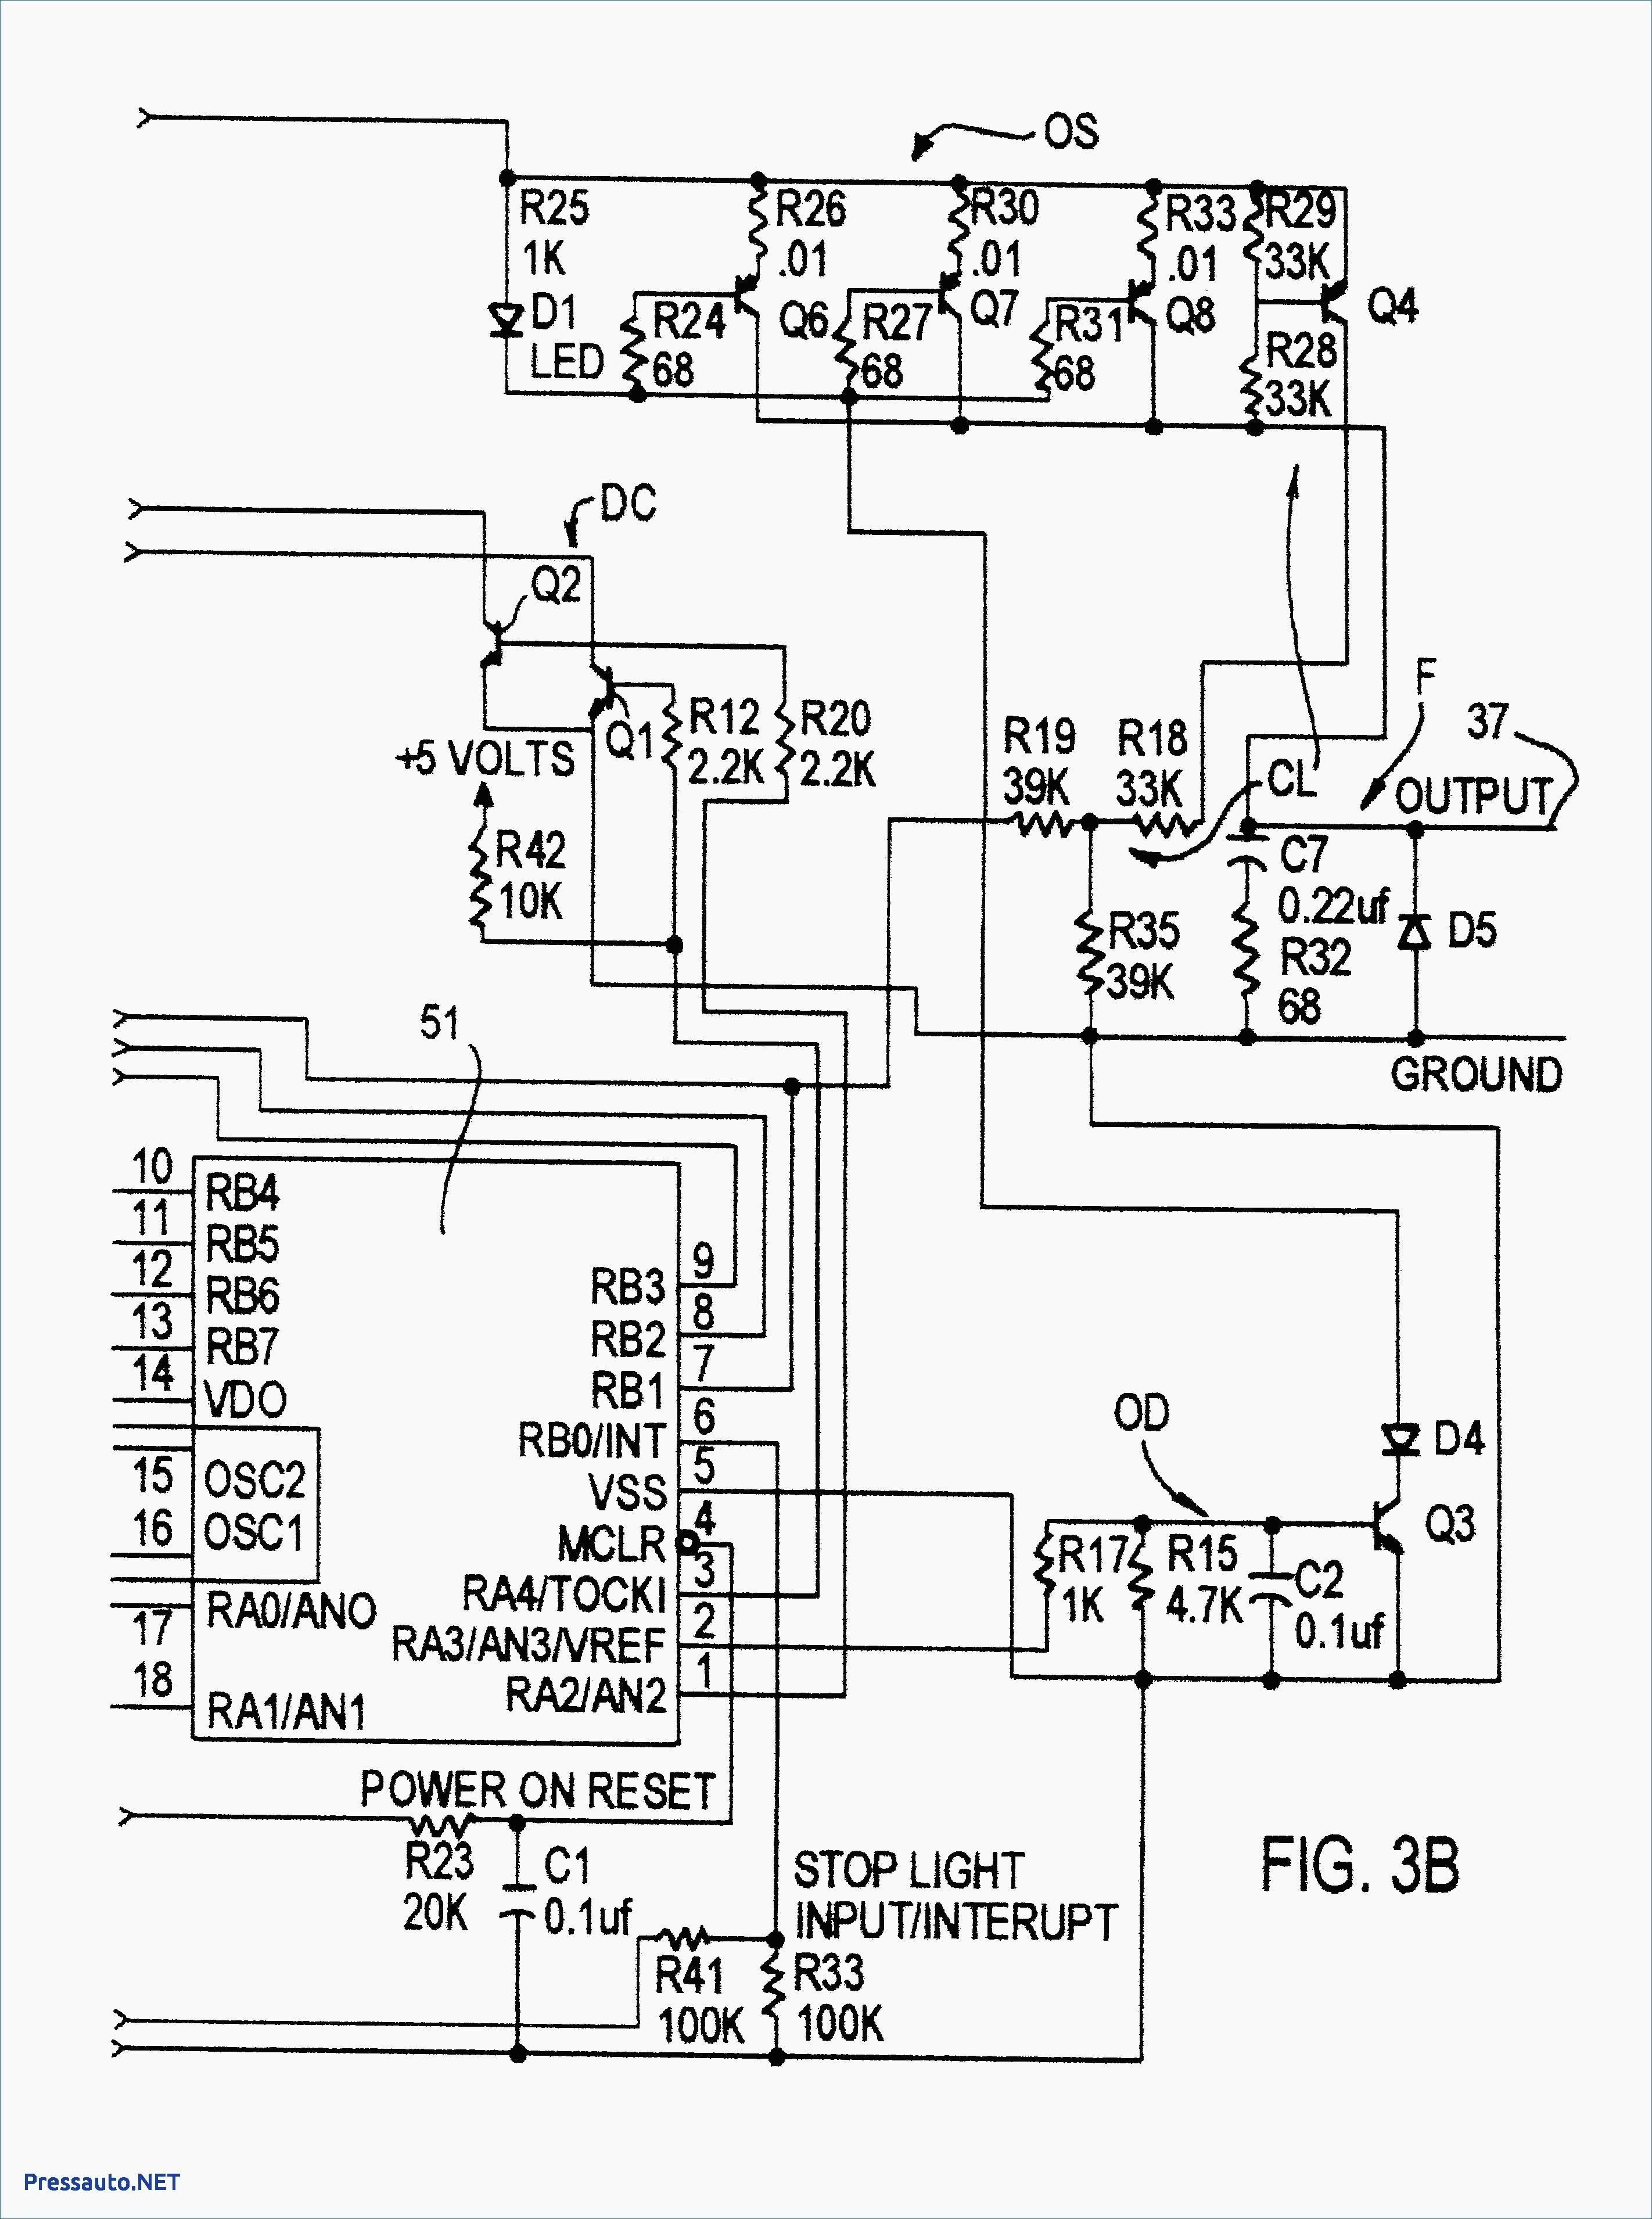 Sunpro Tach Wiring | Wiring Diagram Libraries - Sunpro Tach Wiring Diagram